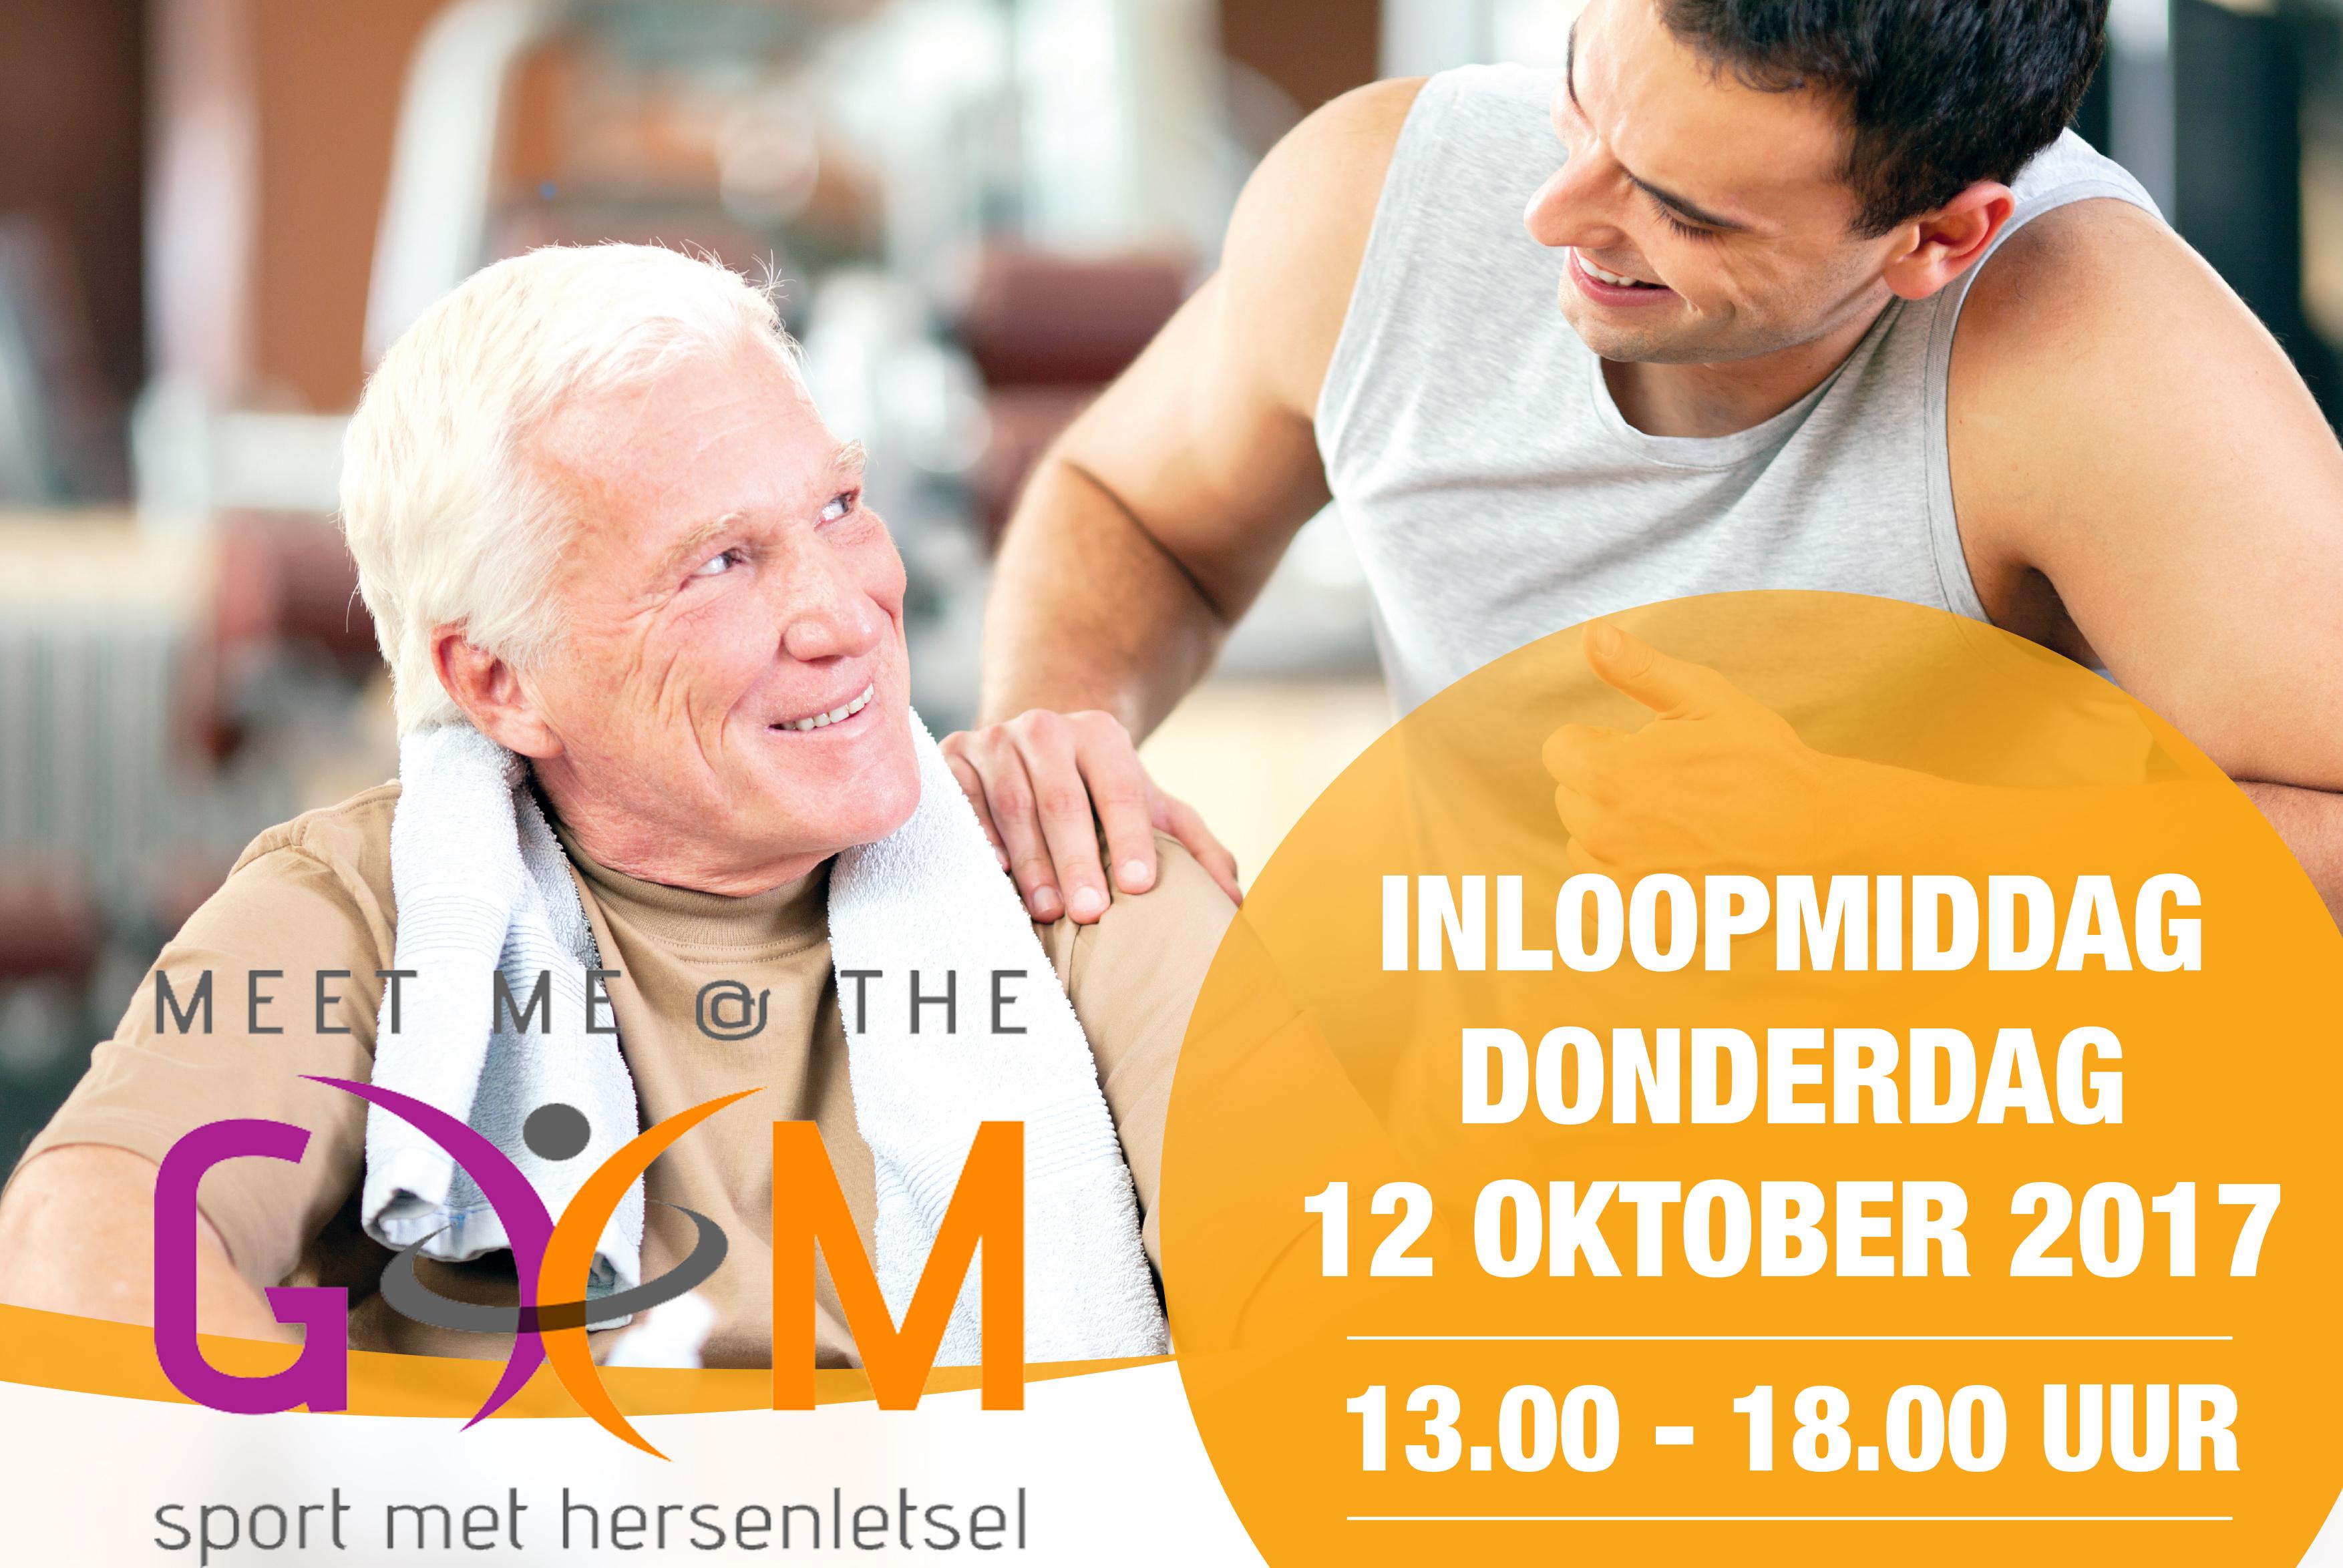 Sporten met hersenletsel. Dit is een afbeelding van een poster van de NHA inloopmiddg bij Sportinstituut Frits van der Werff. De poster gaat over sport met hersenletsel.